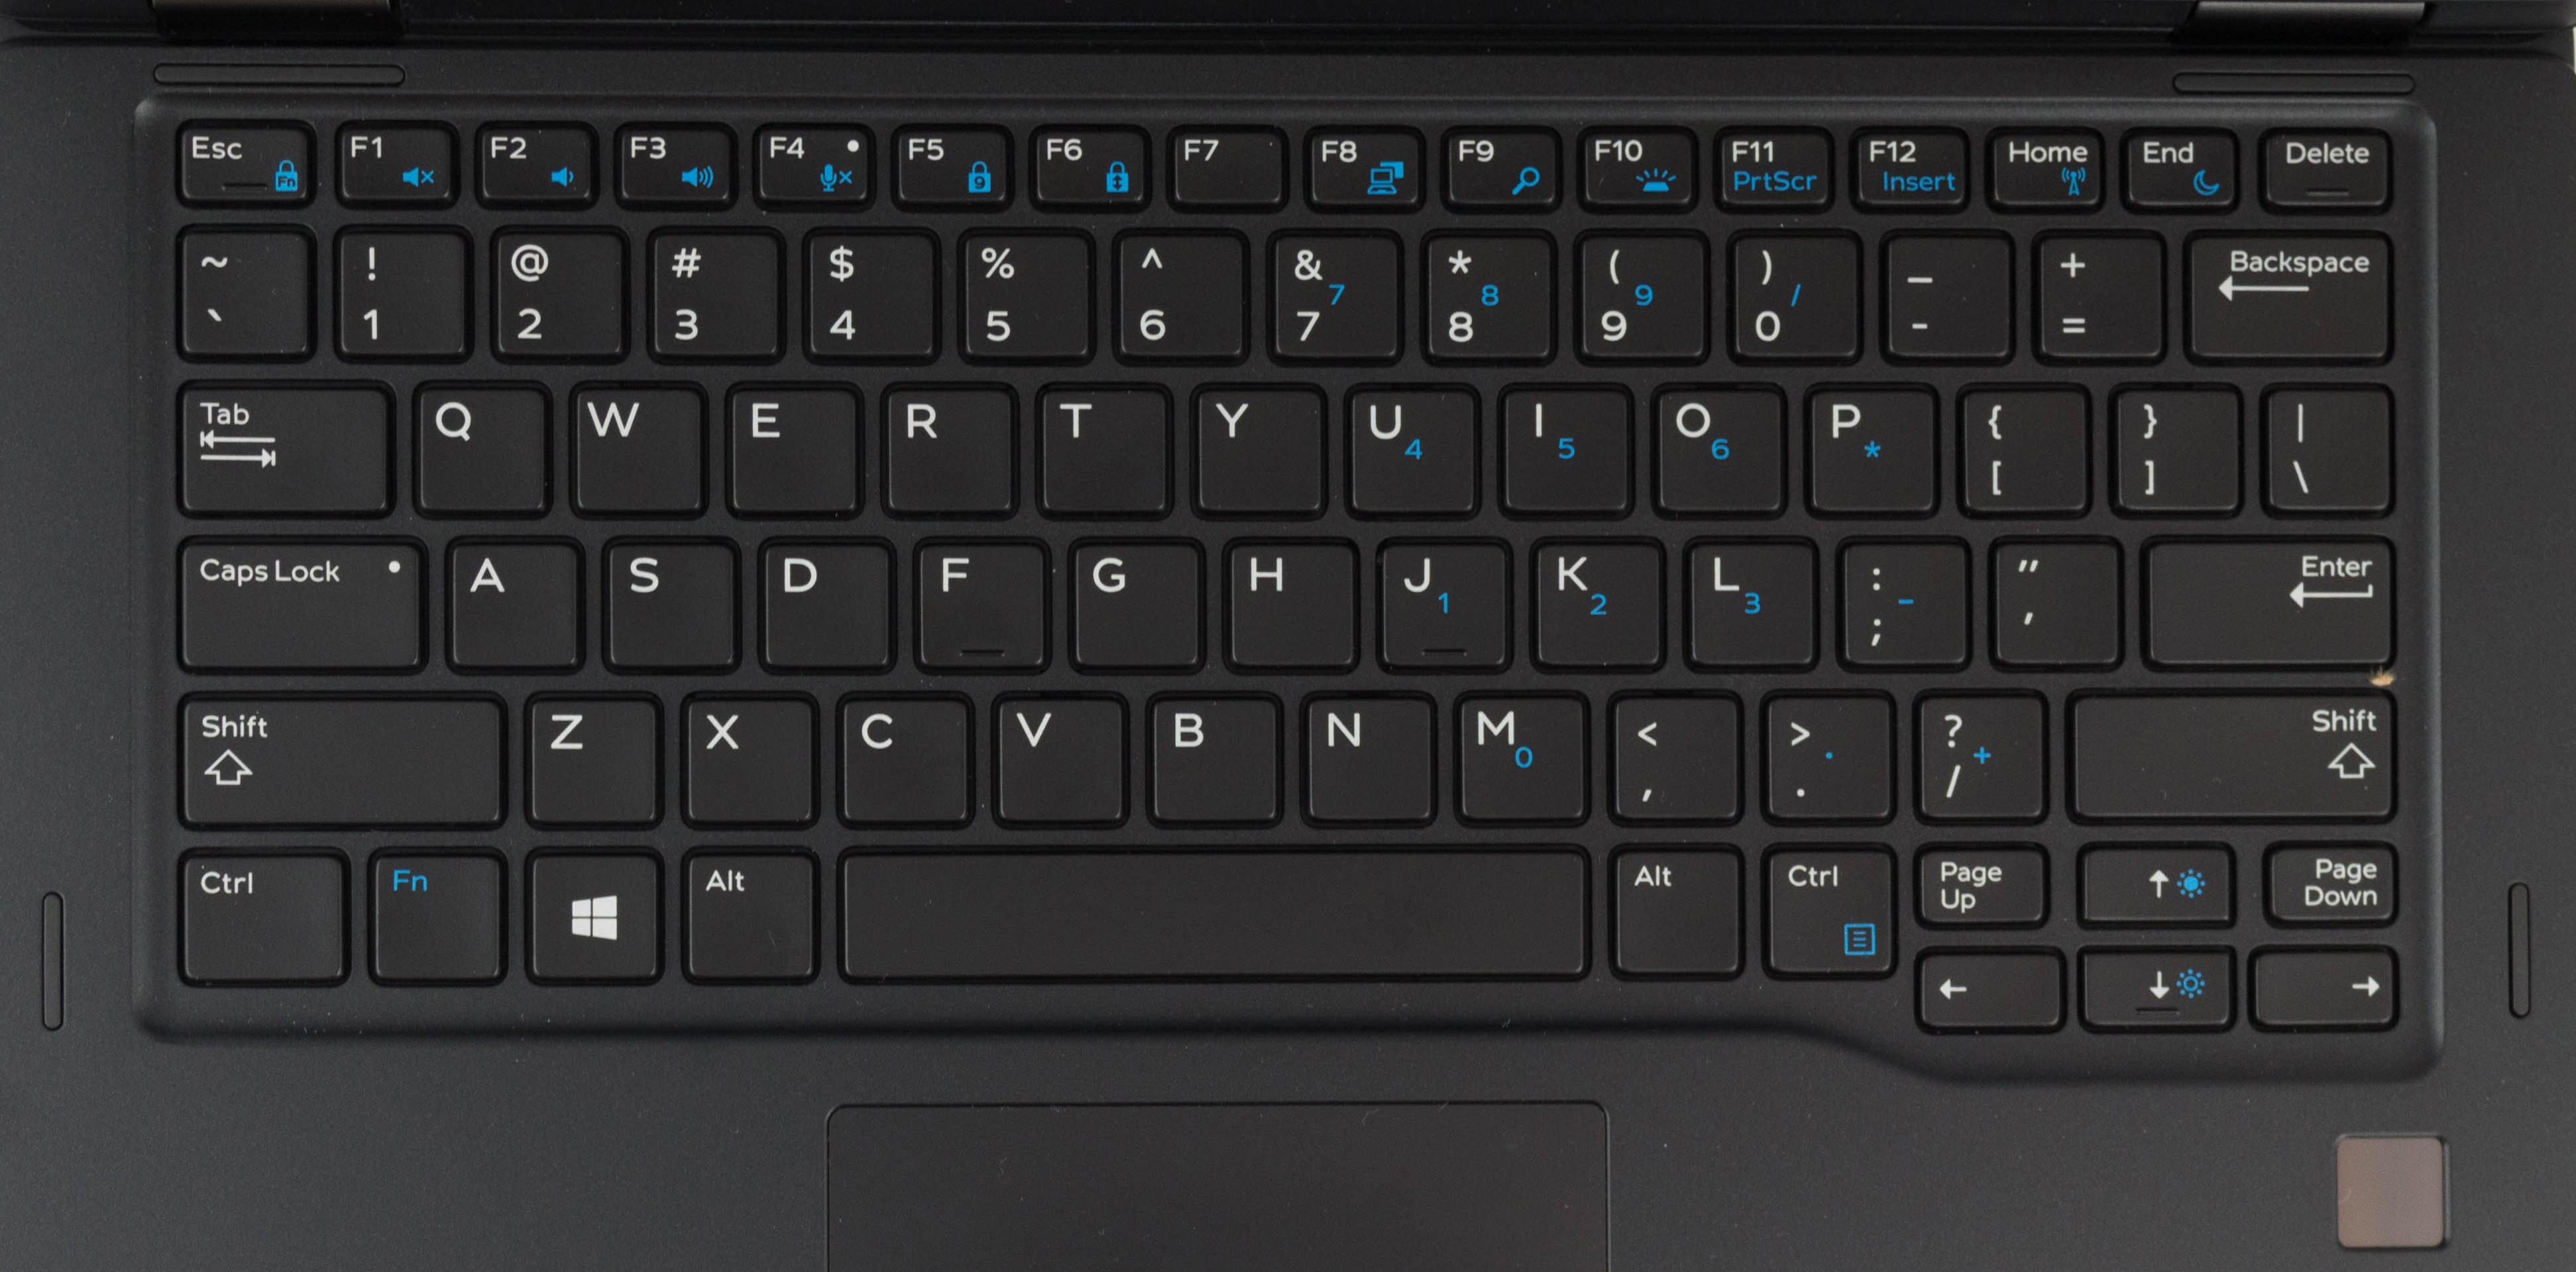 Design - The Dell Latitude 13 7390 2-in-1 Review